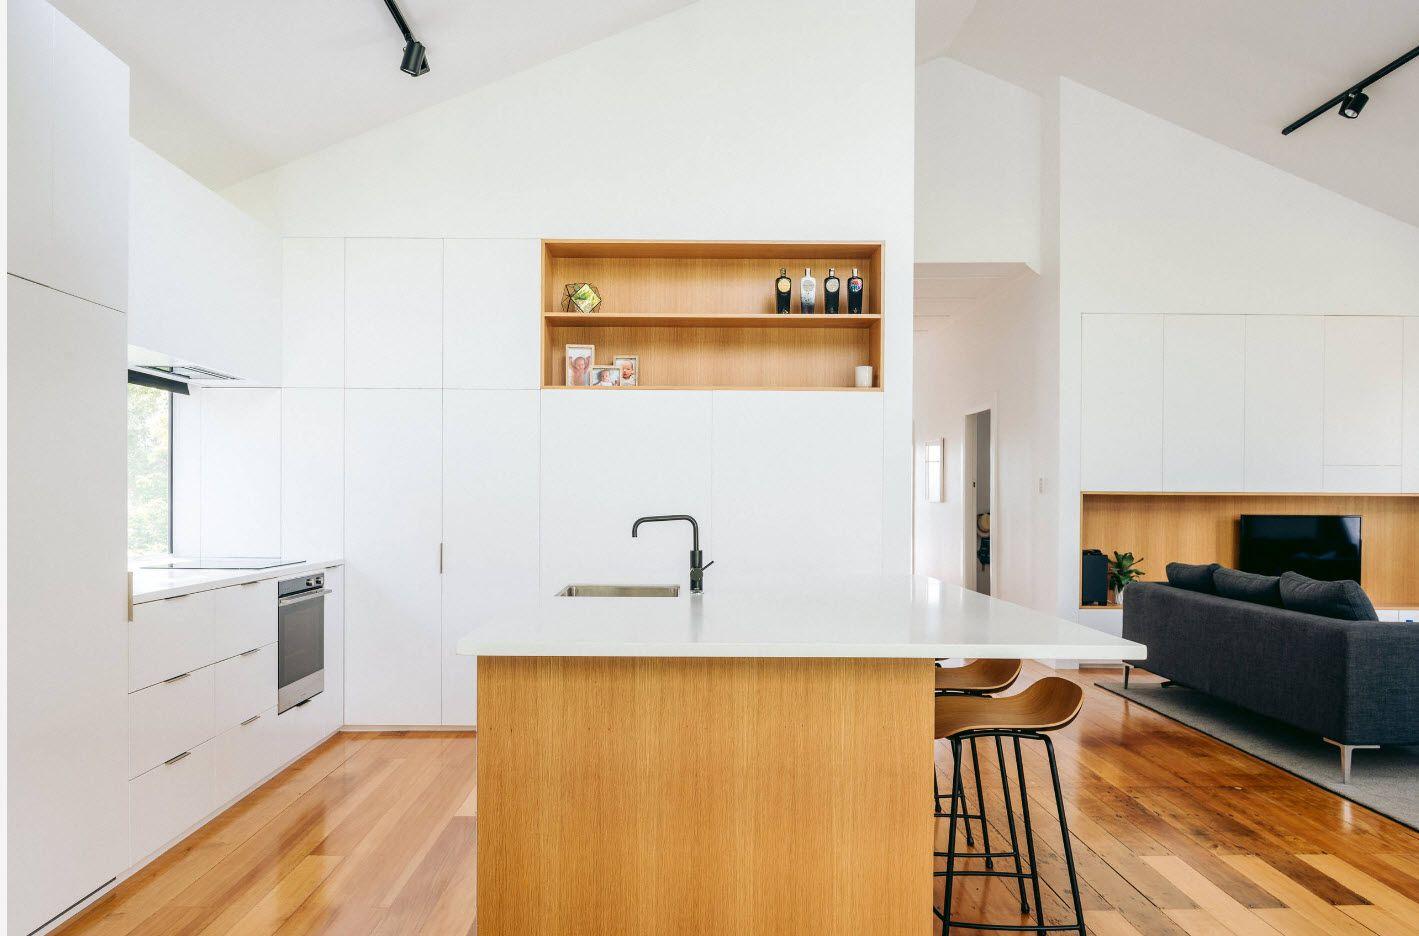 Модерен дизайн на кухня